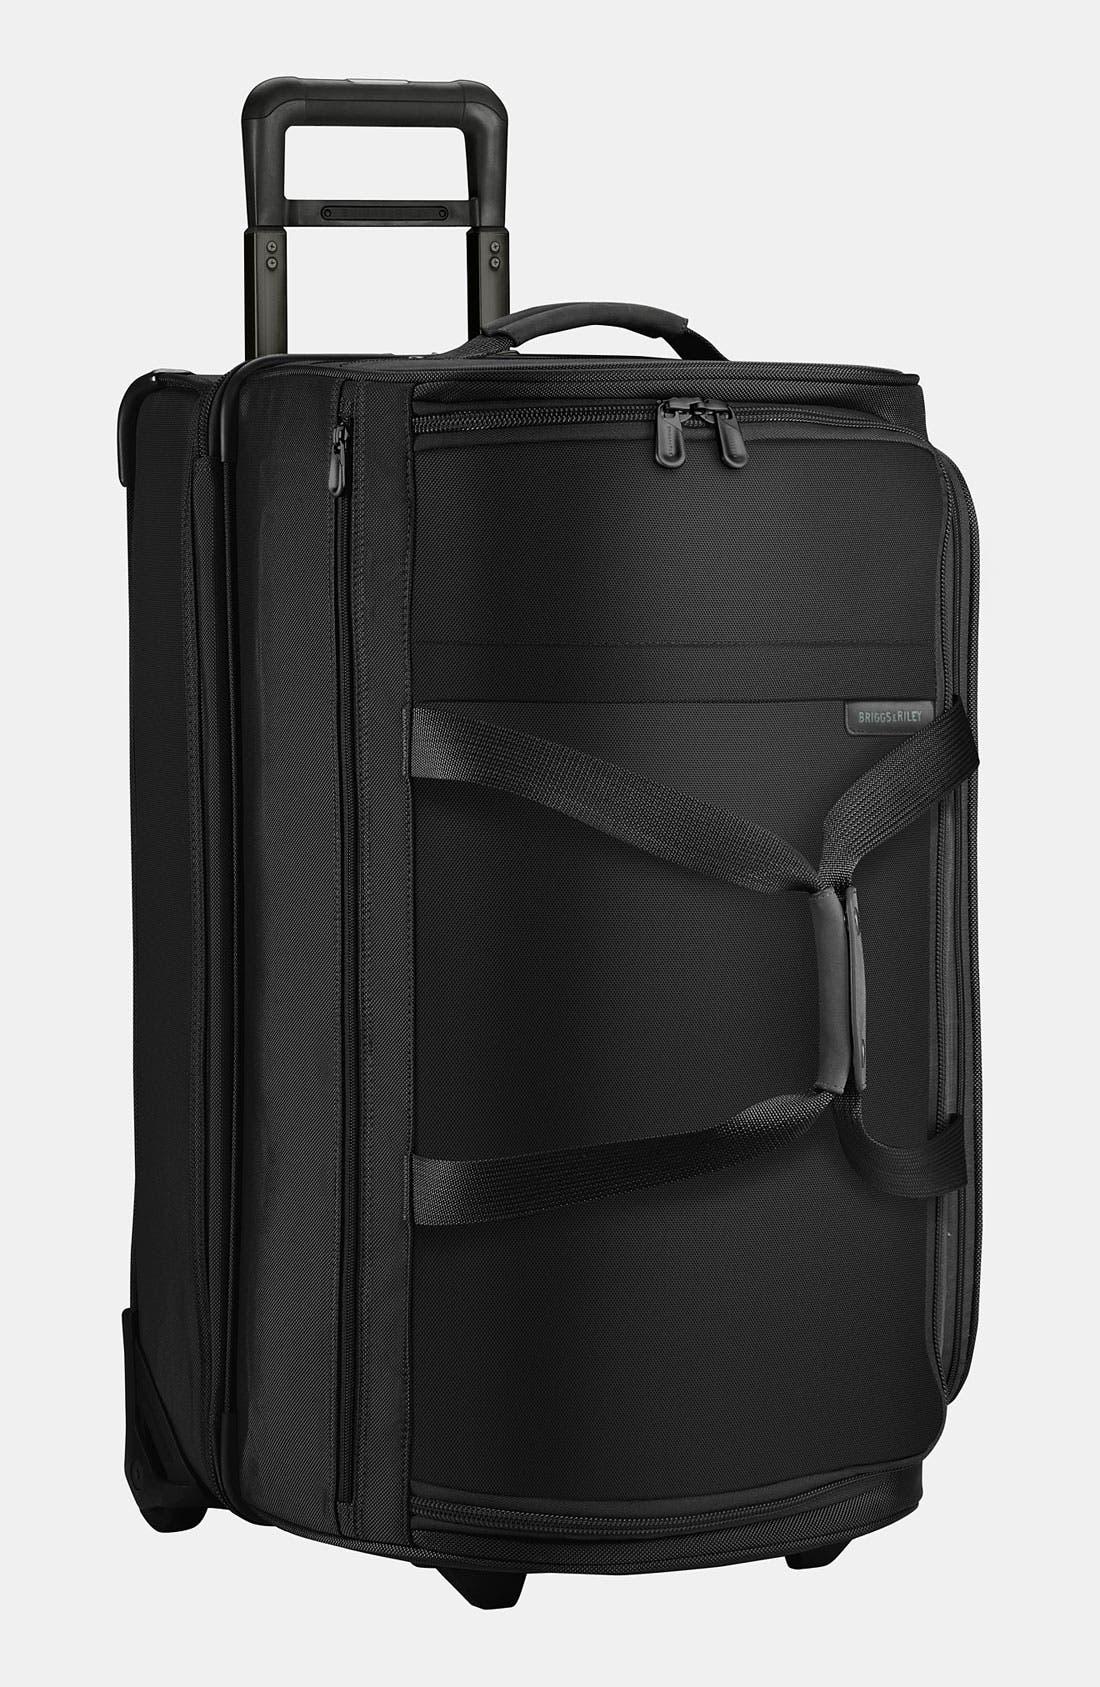 Briggs & Riley 'Medium Baseline' Rolling Duffel Bag (27 Inch)